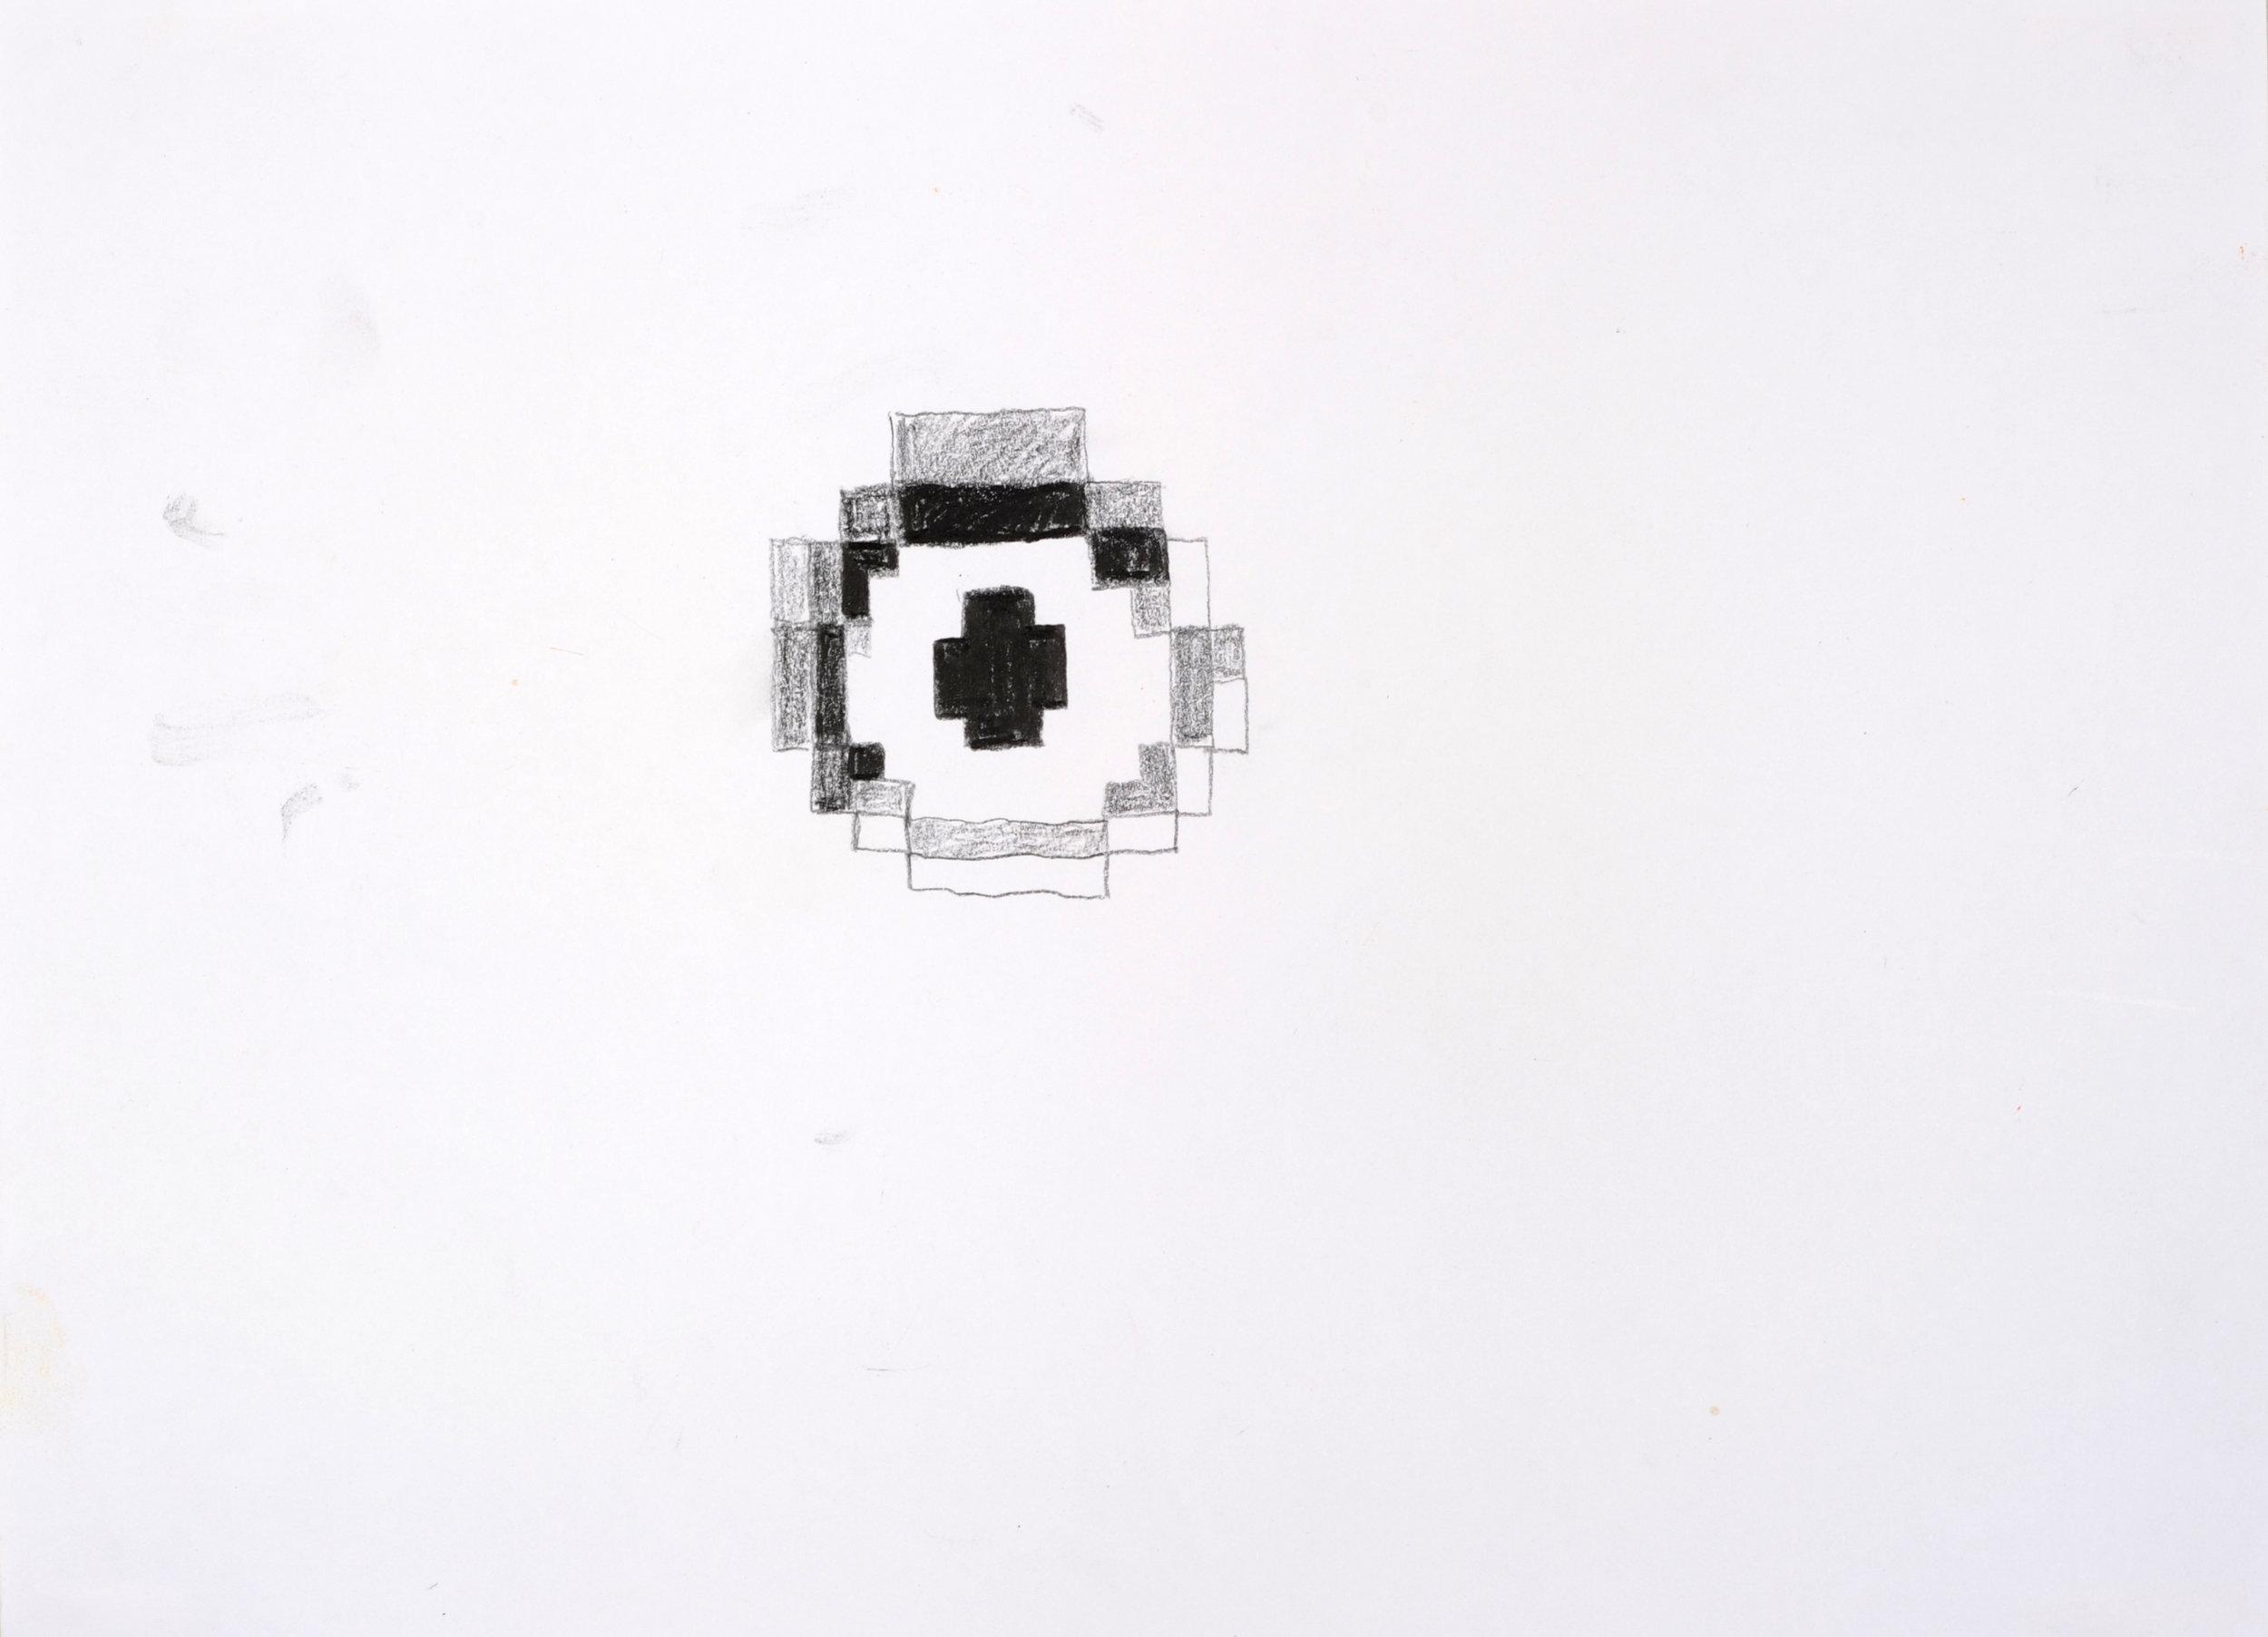 ARH_6254.jpg